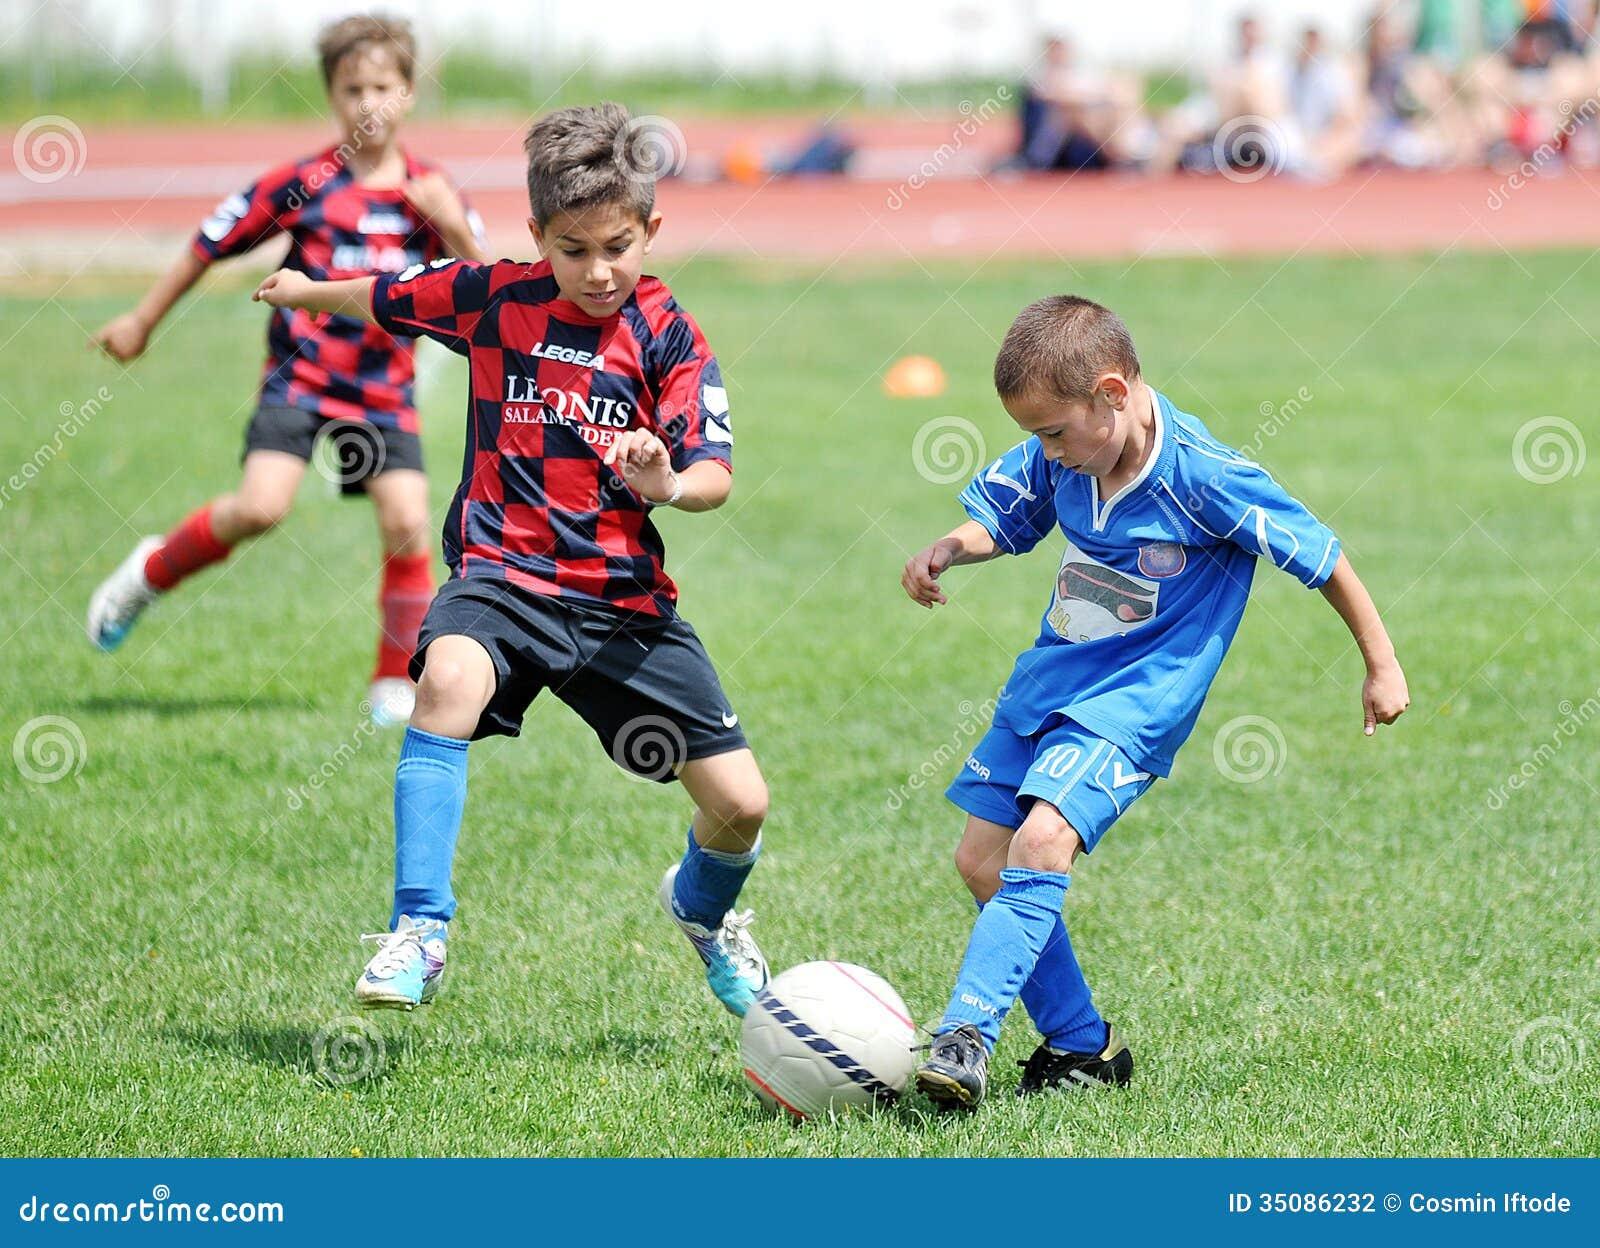 Image Result For Download Jeu Football